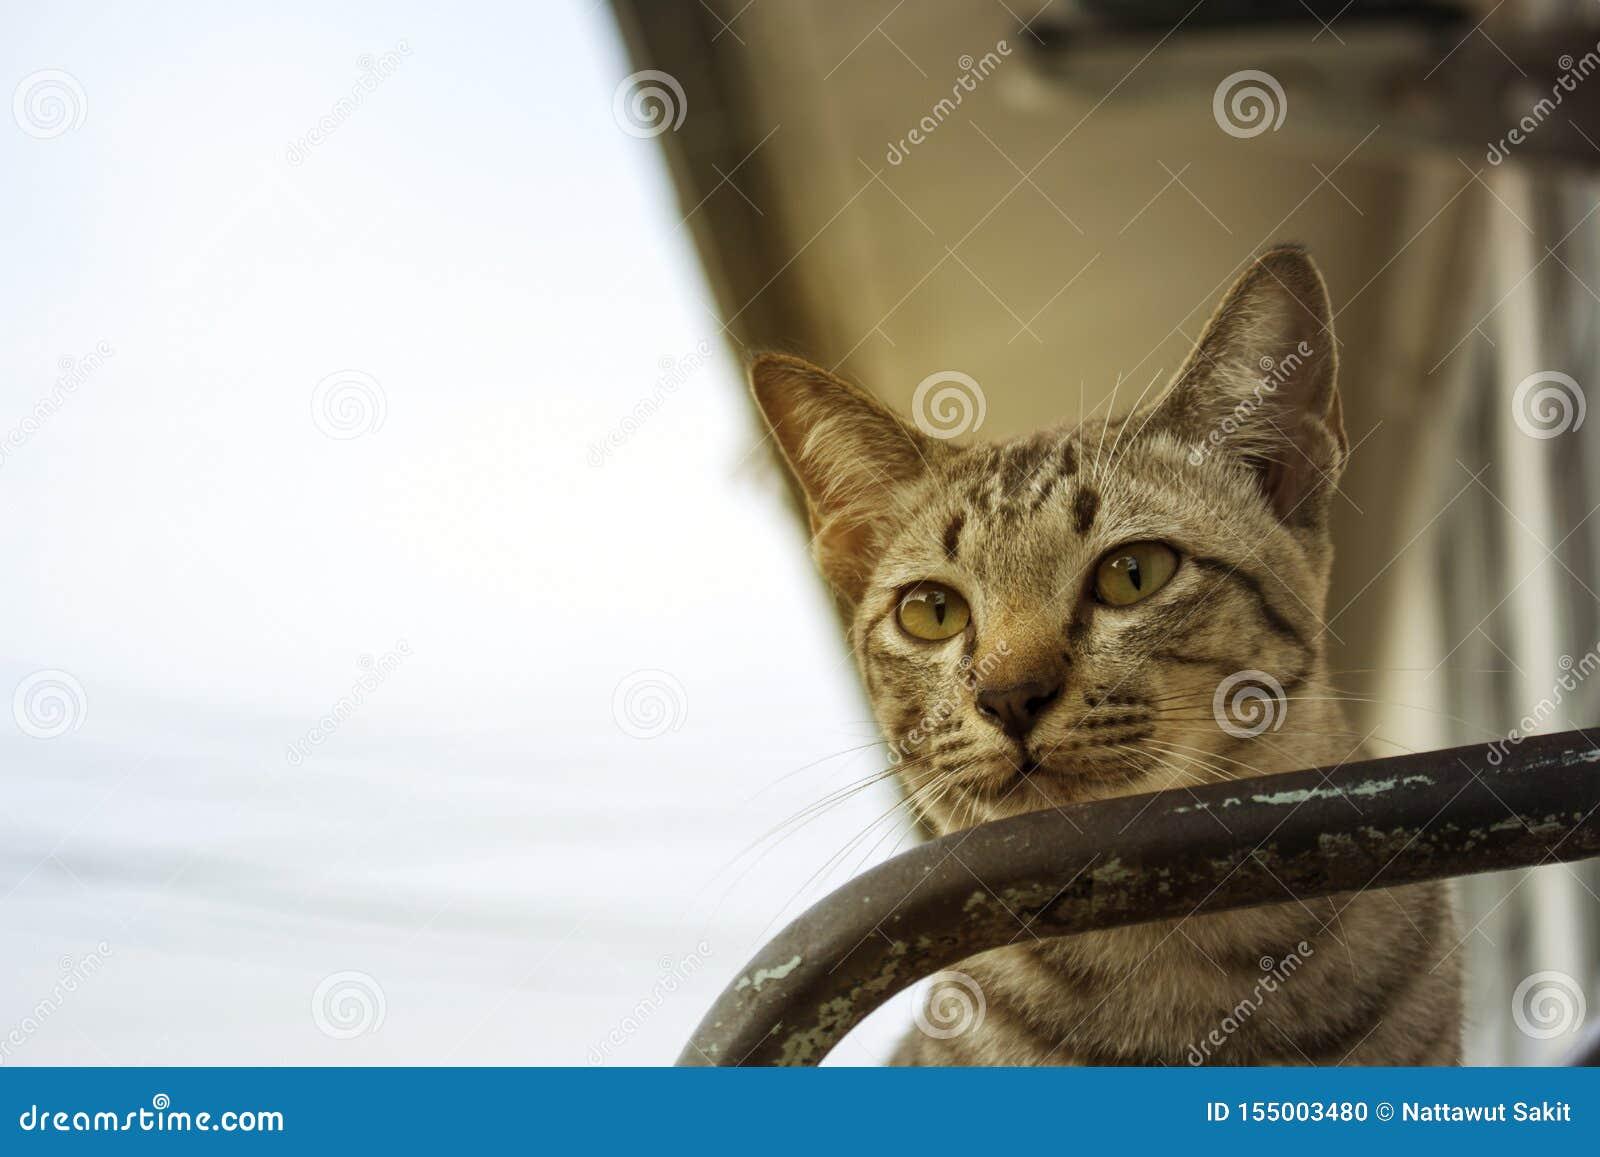 Bruna randiga katter spelar i olika gester